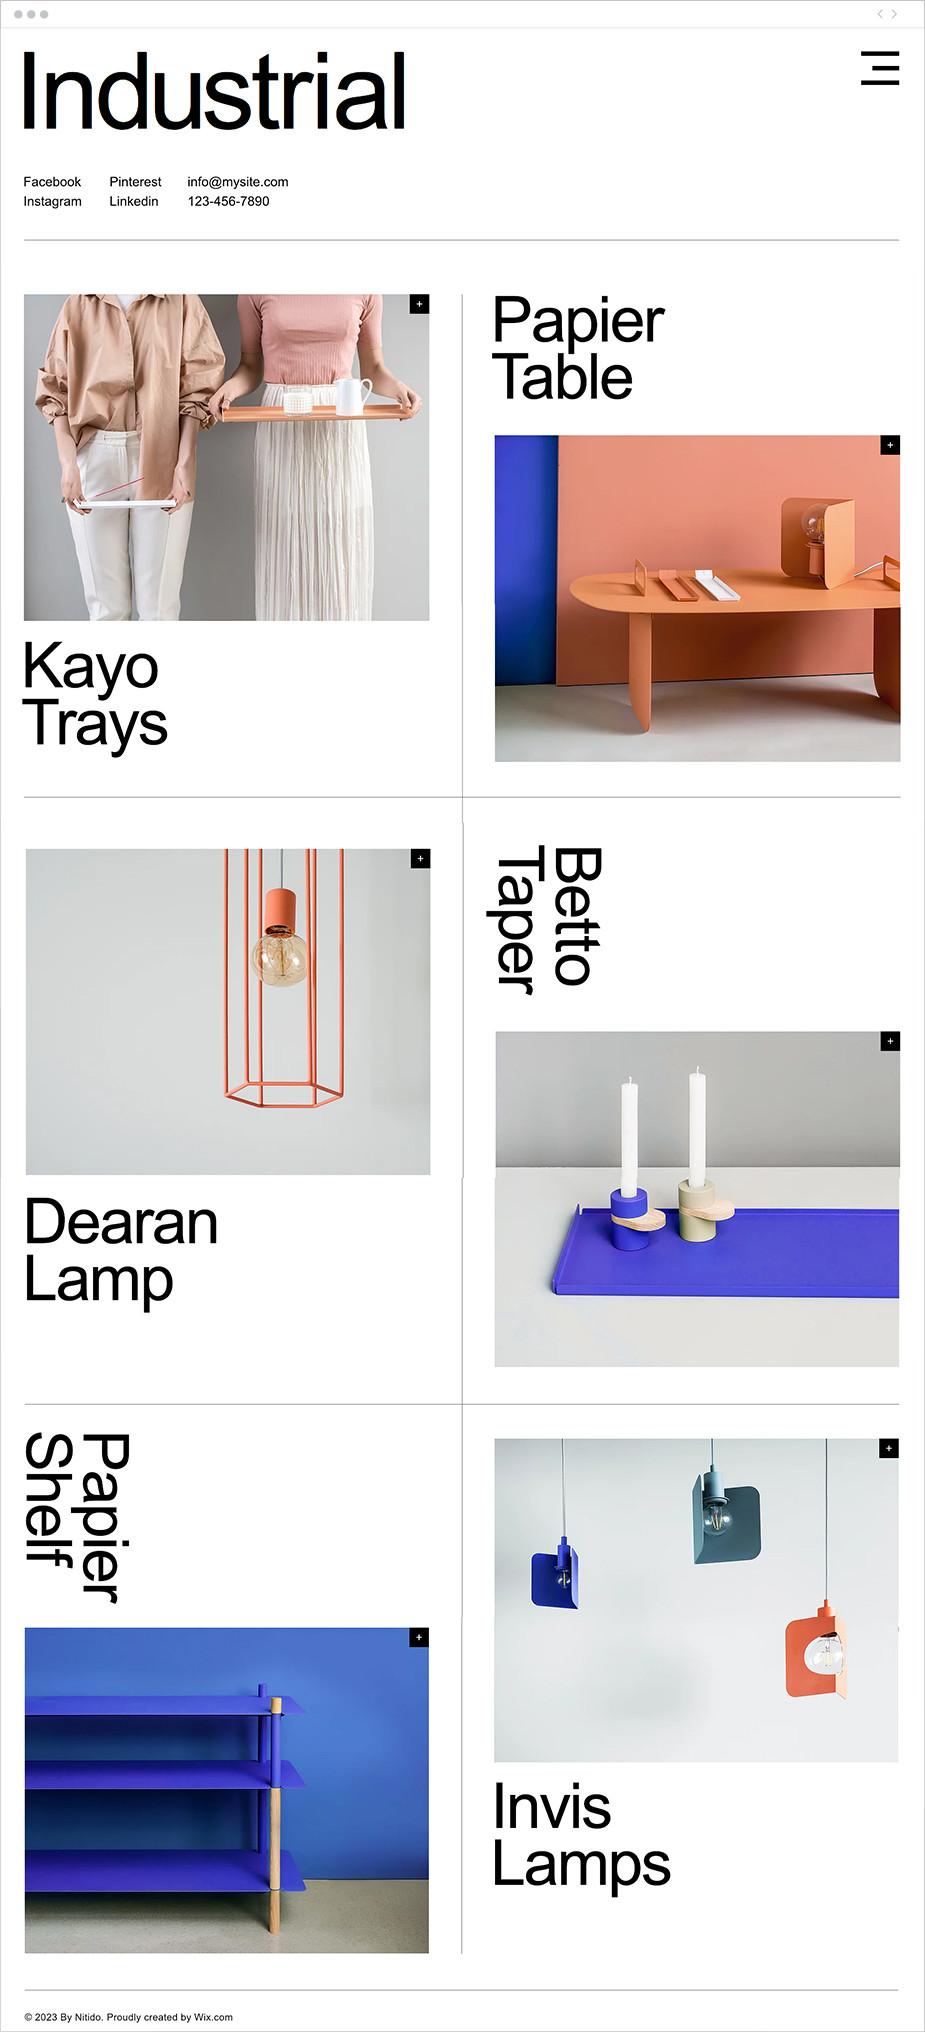 Szablon strony internetowej studia projektowania przemysłowego